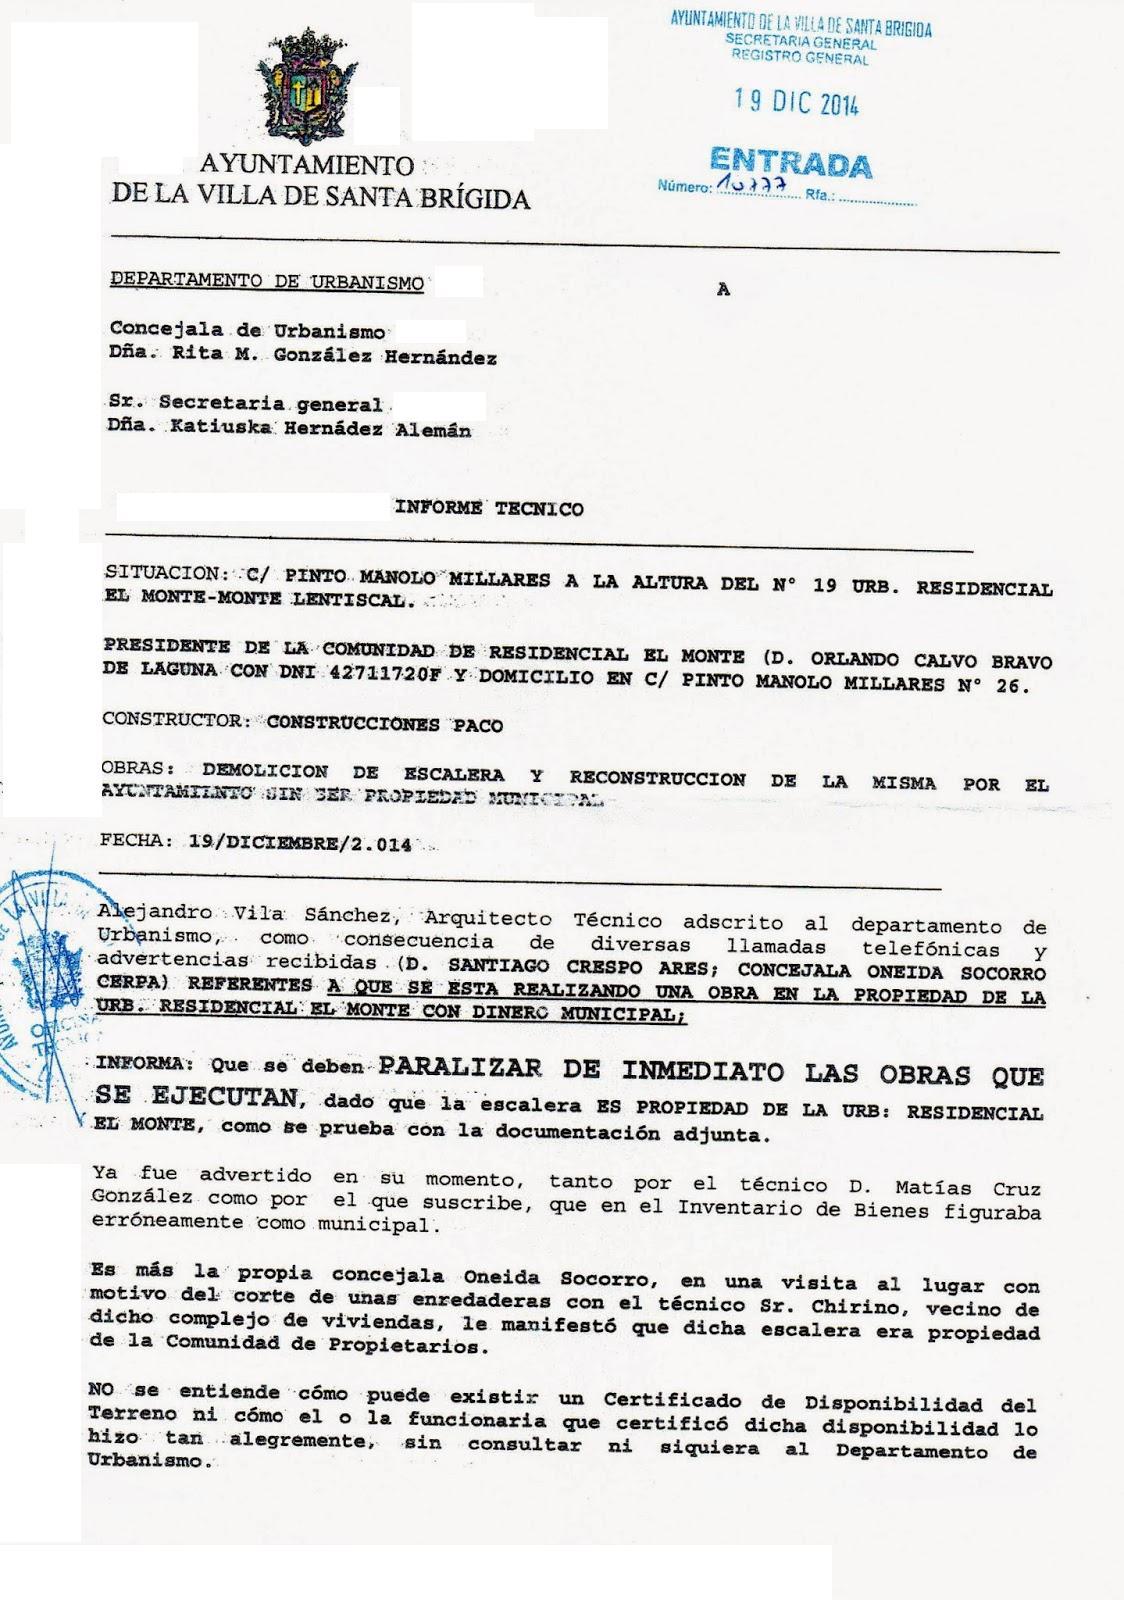 EL GRUPO DE DESGOBIERNO SE ENRABIETA POR LO APARECIDO EN LA PRENSA ...